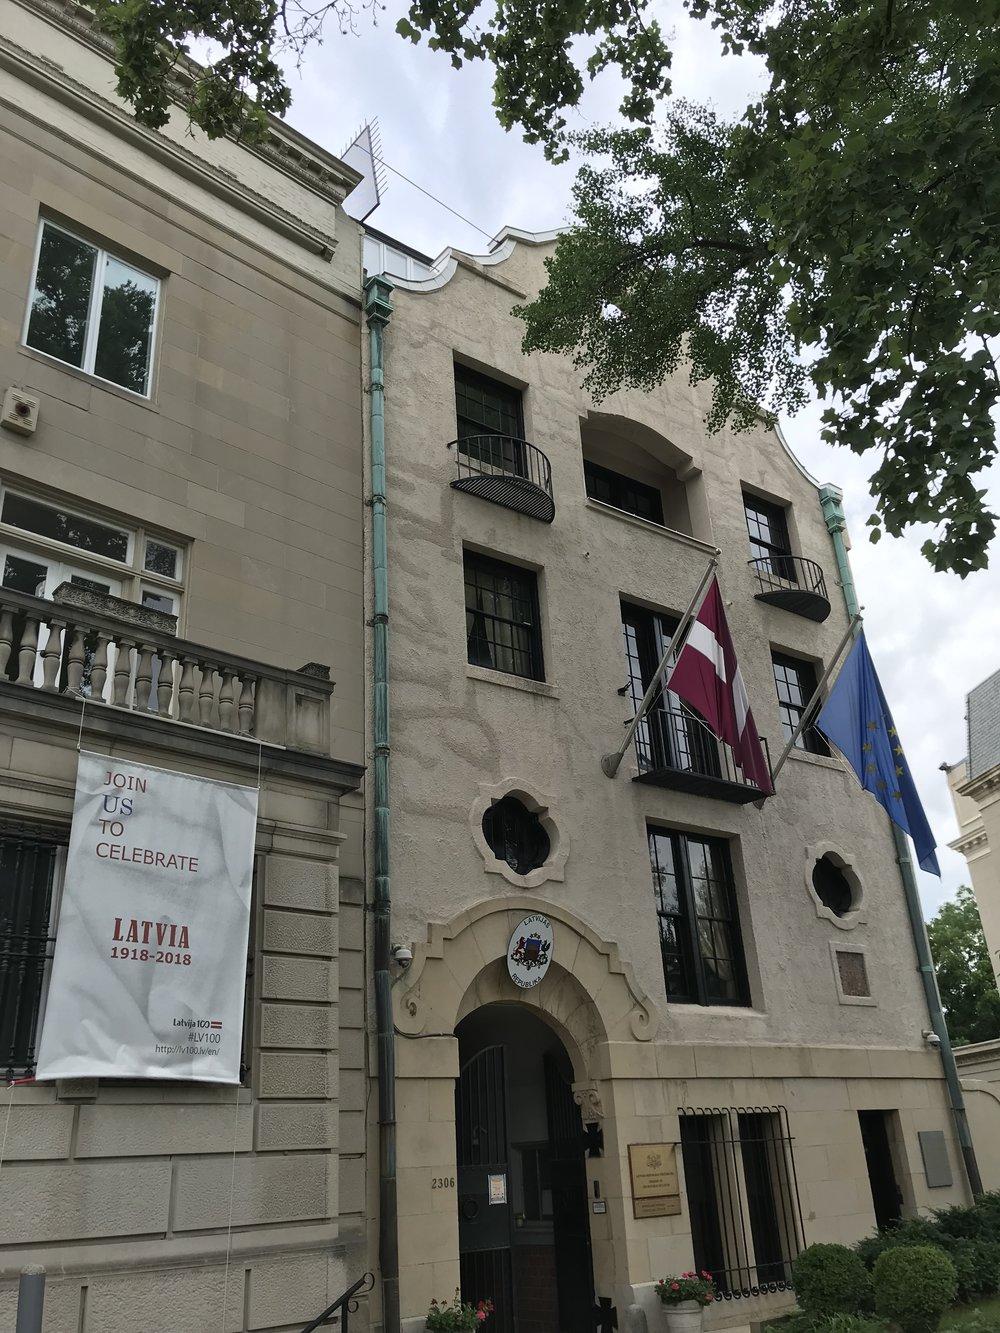 The Embassy of Latvia.